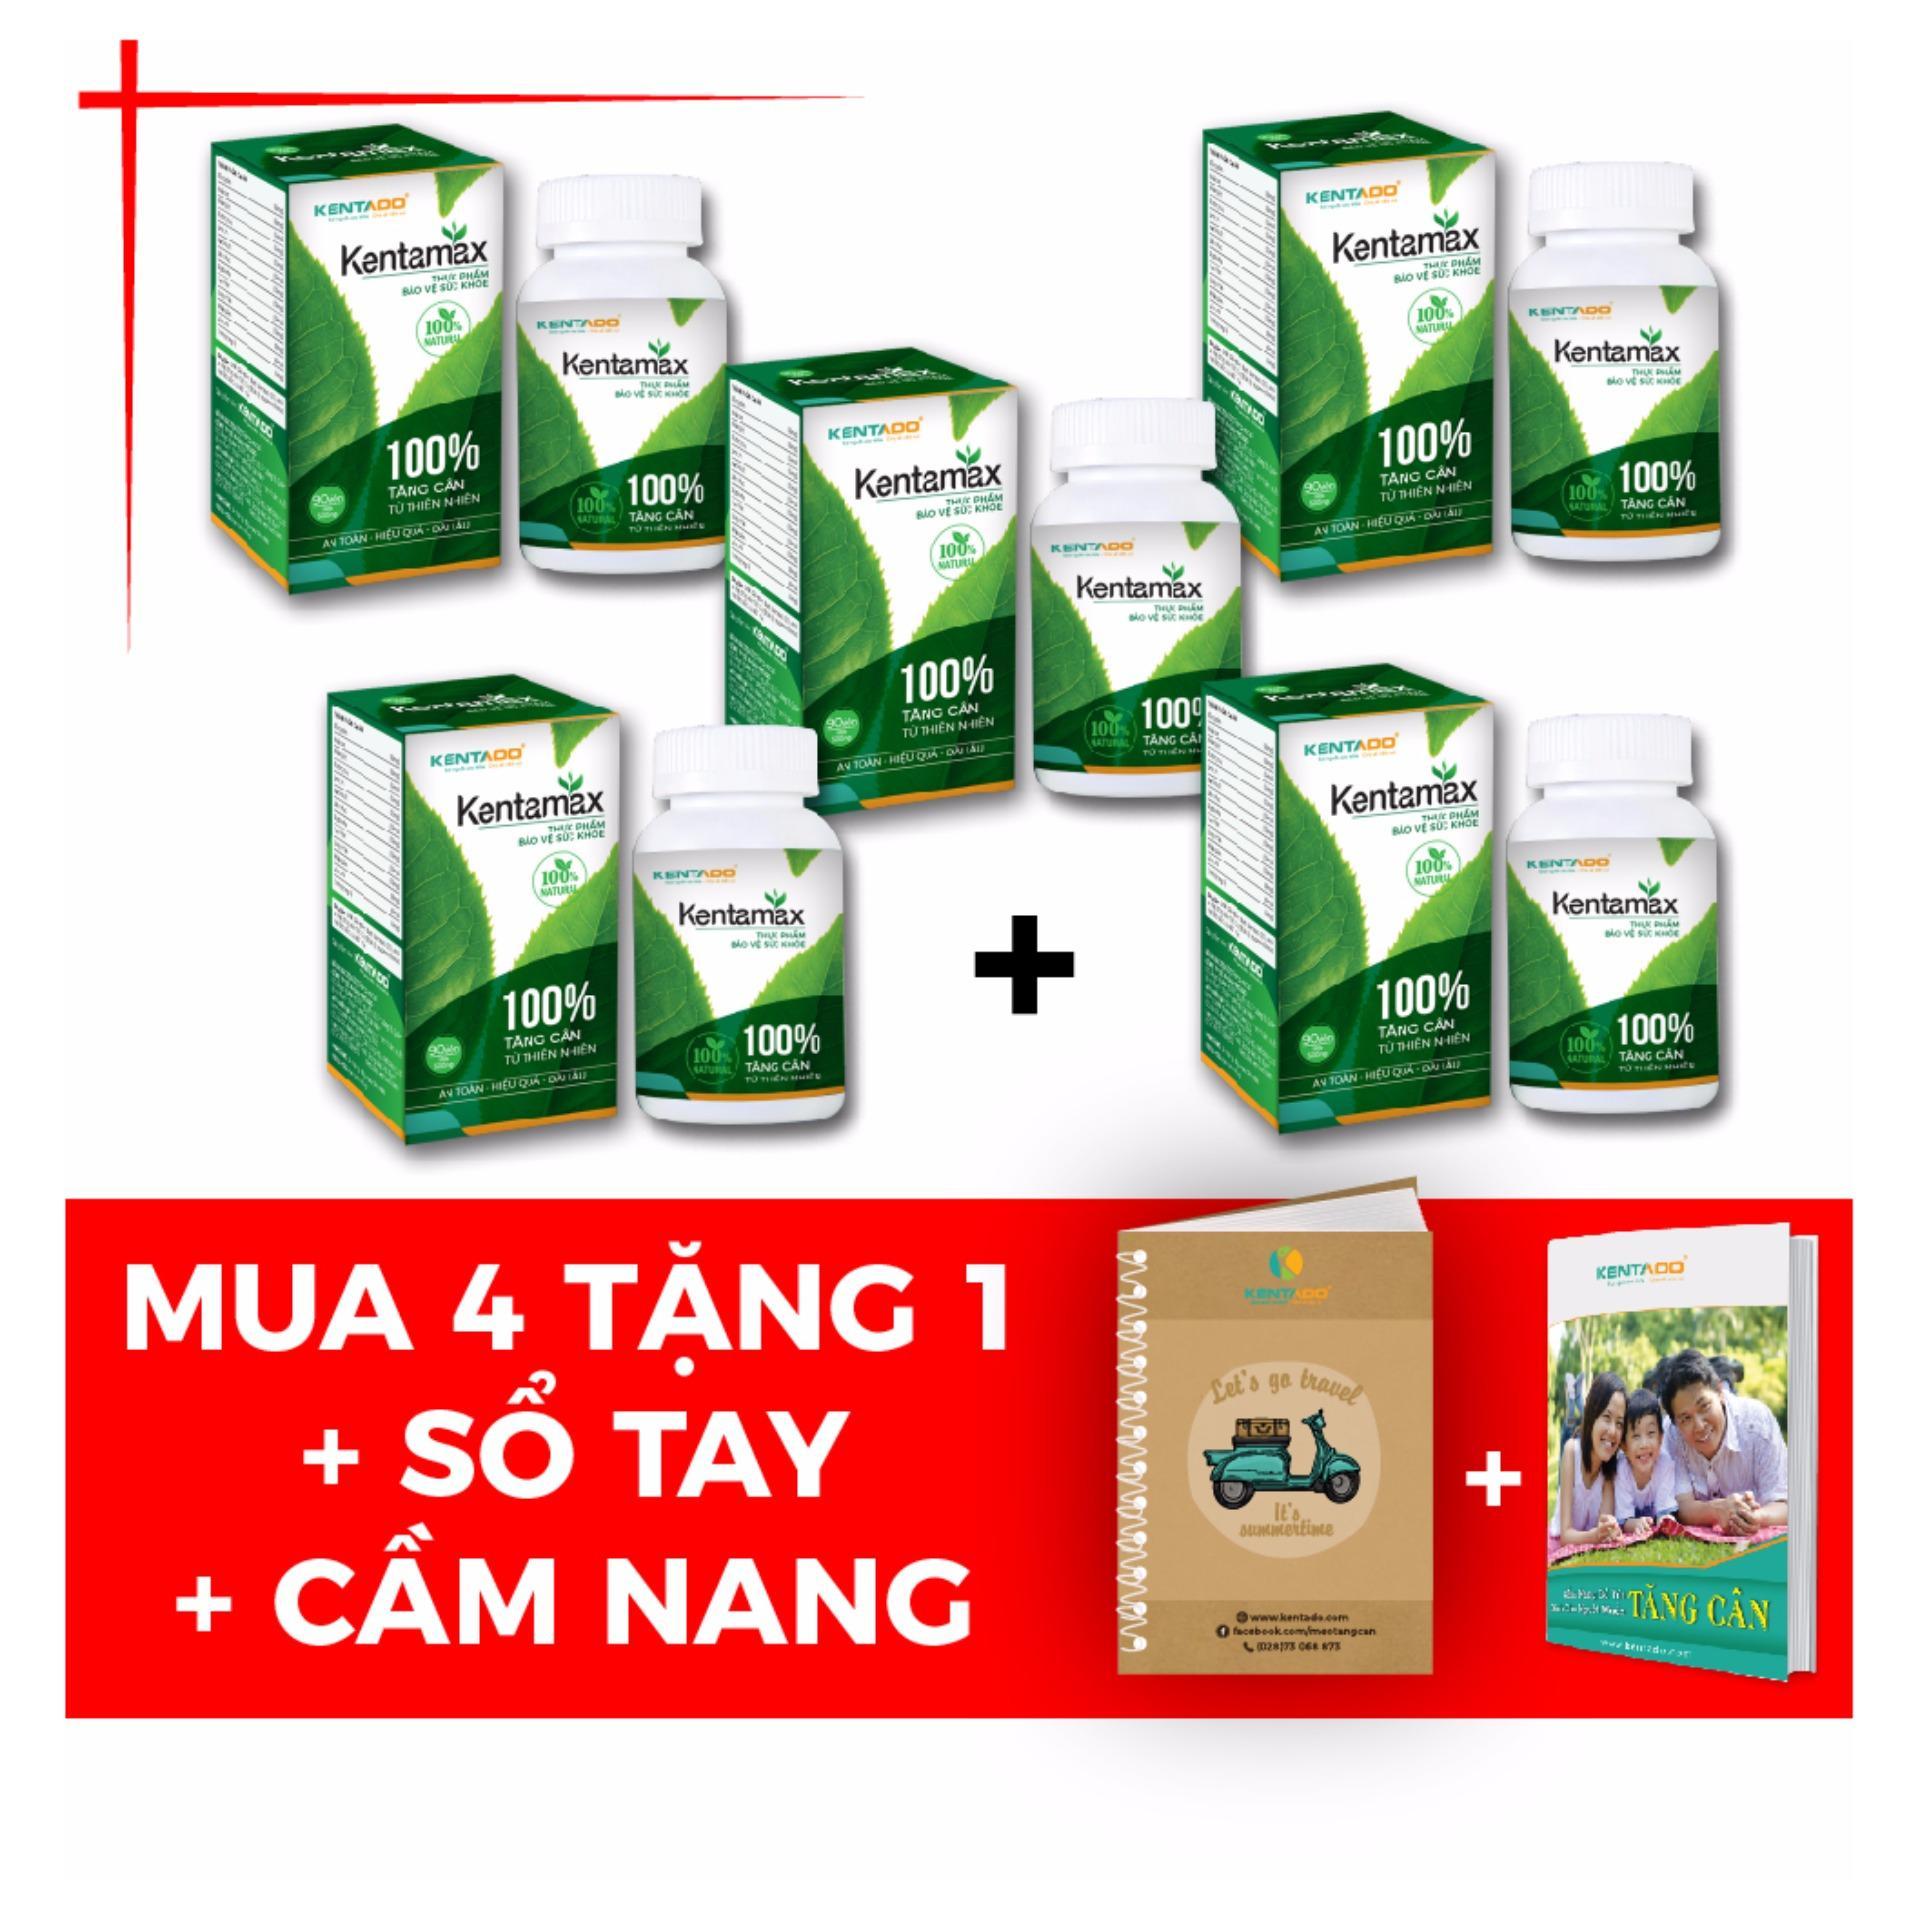 4 Hộp Tăng Cân Kentamax – Thảo dược từ thiên nhiên ( 90 viên / hộp ) +1 hộp cùng loại + Tặng Cẩm nang tăng cân